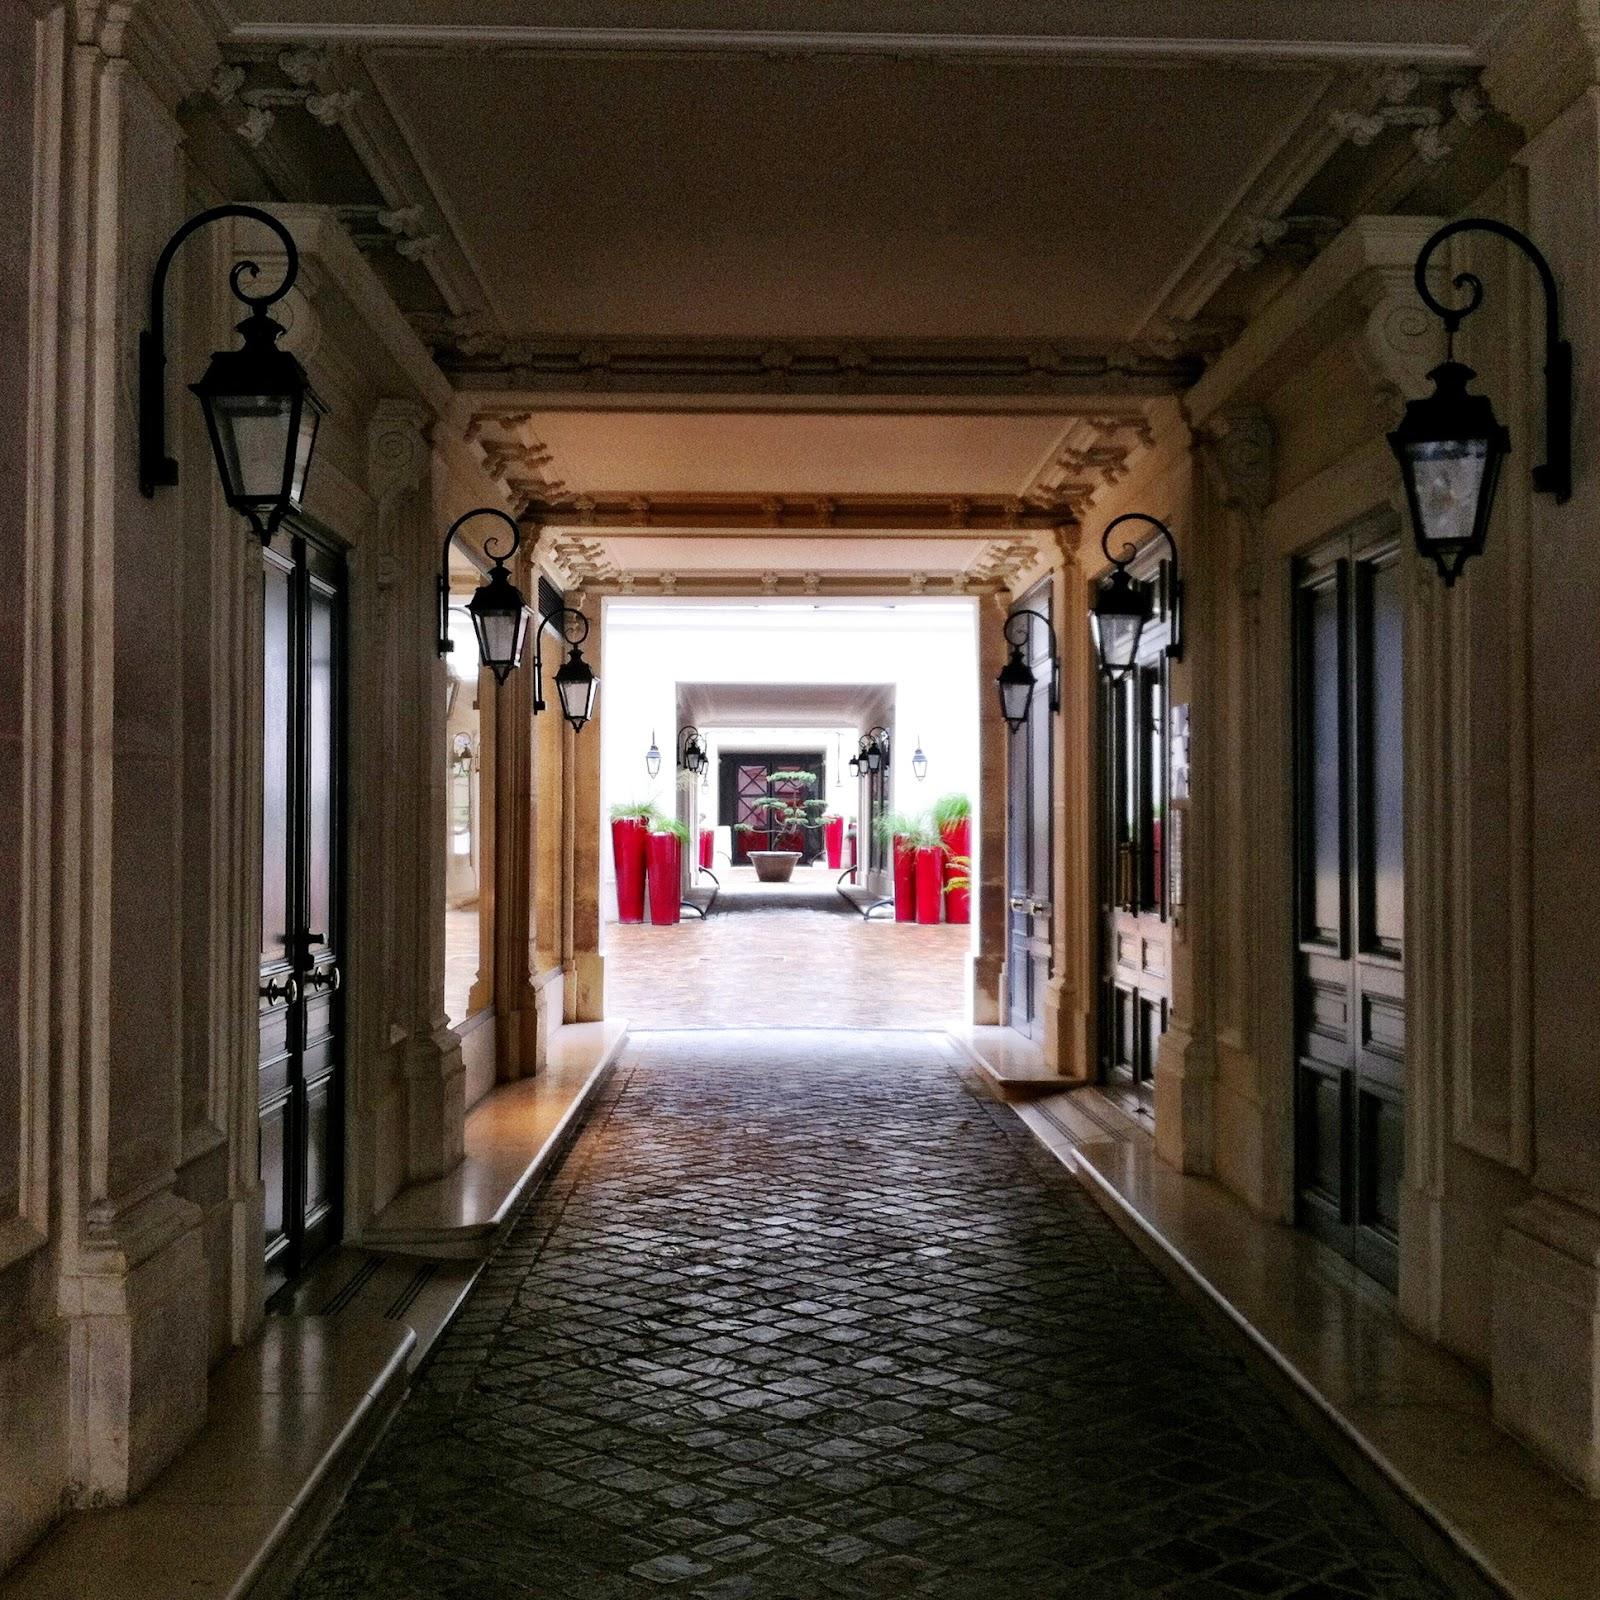 Trading museum comme des gar ons paris designoclasm for Rue des garcons